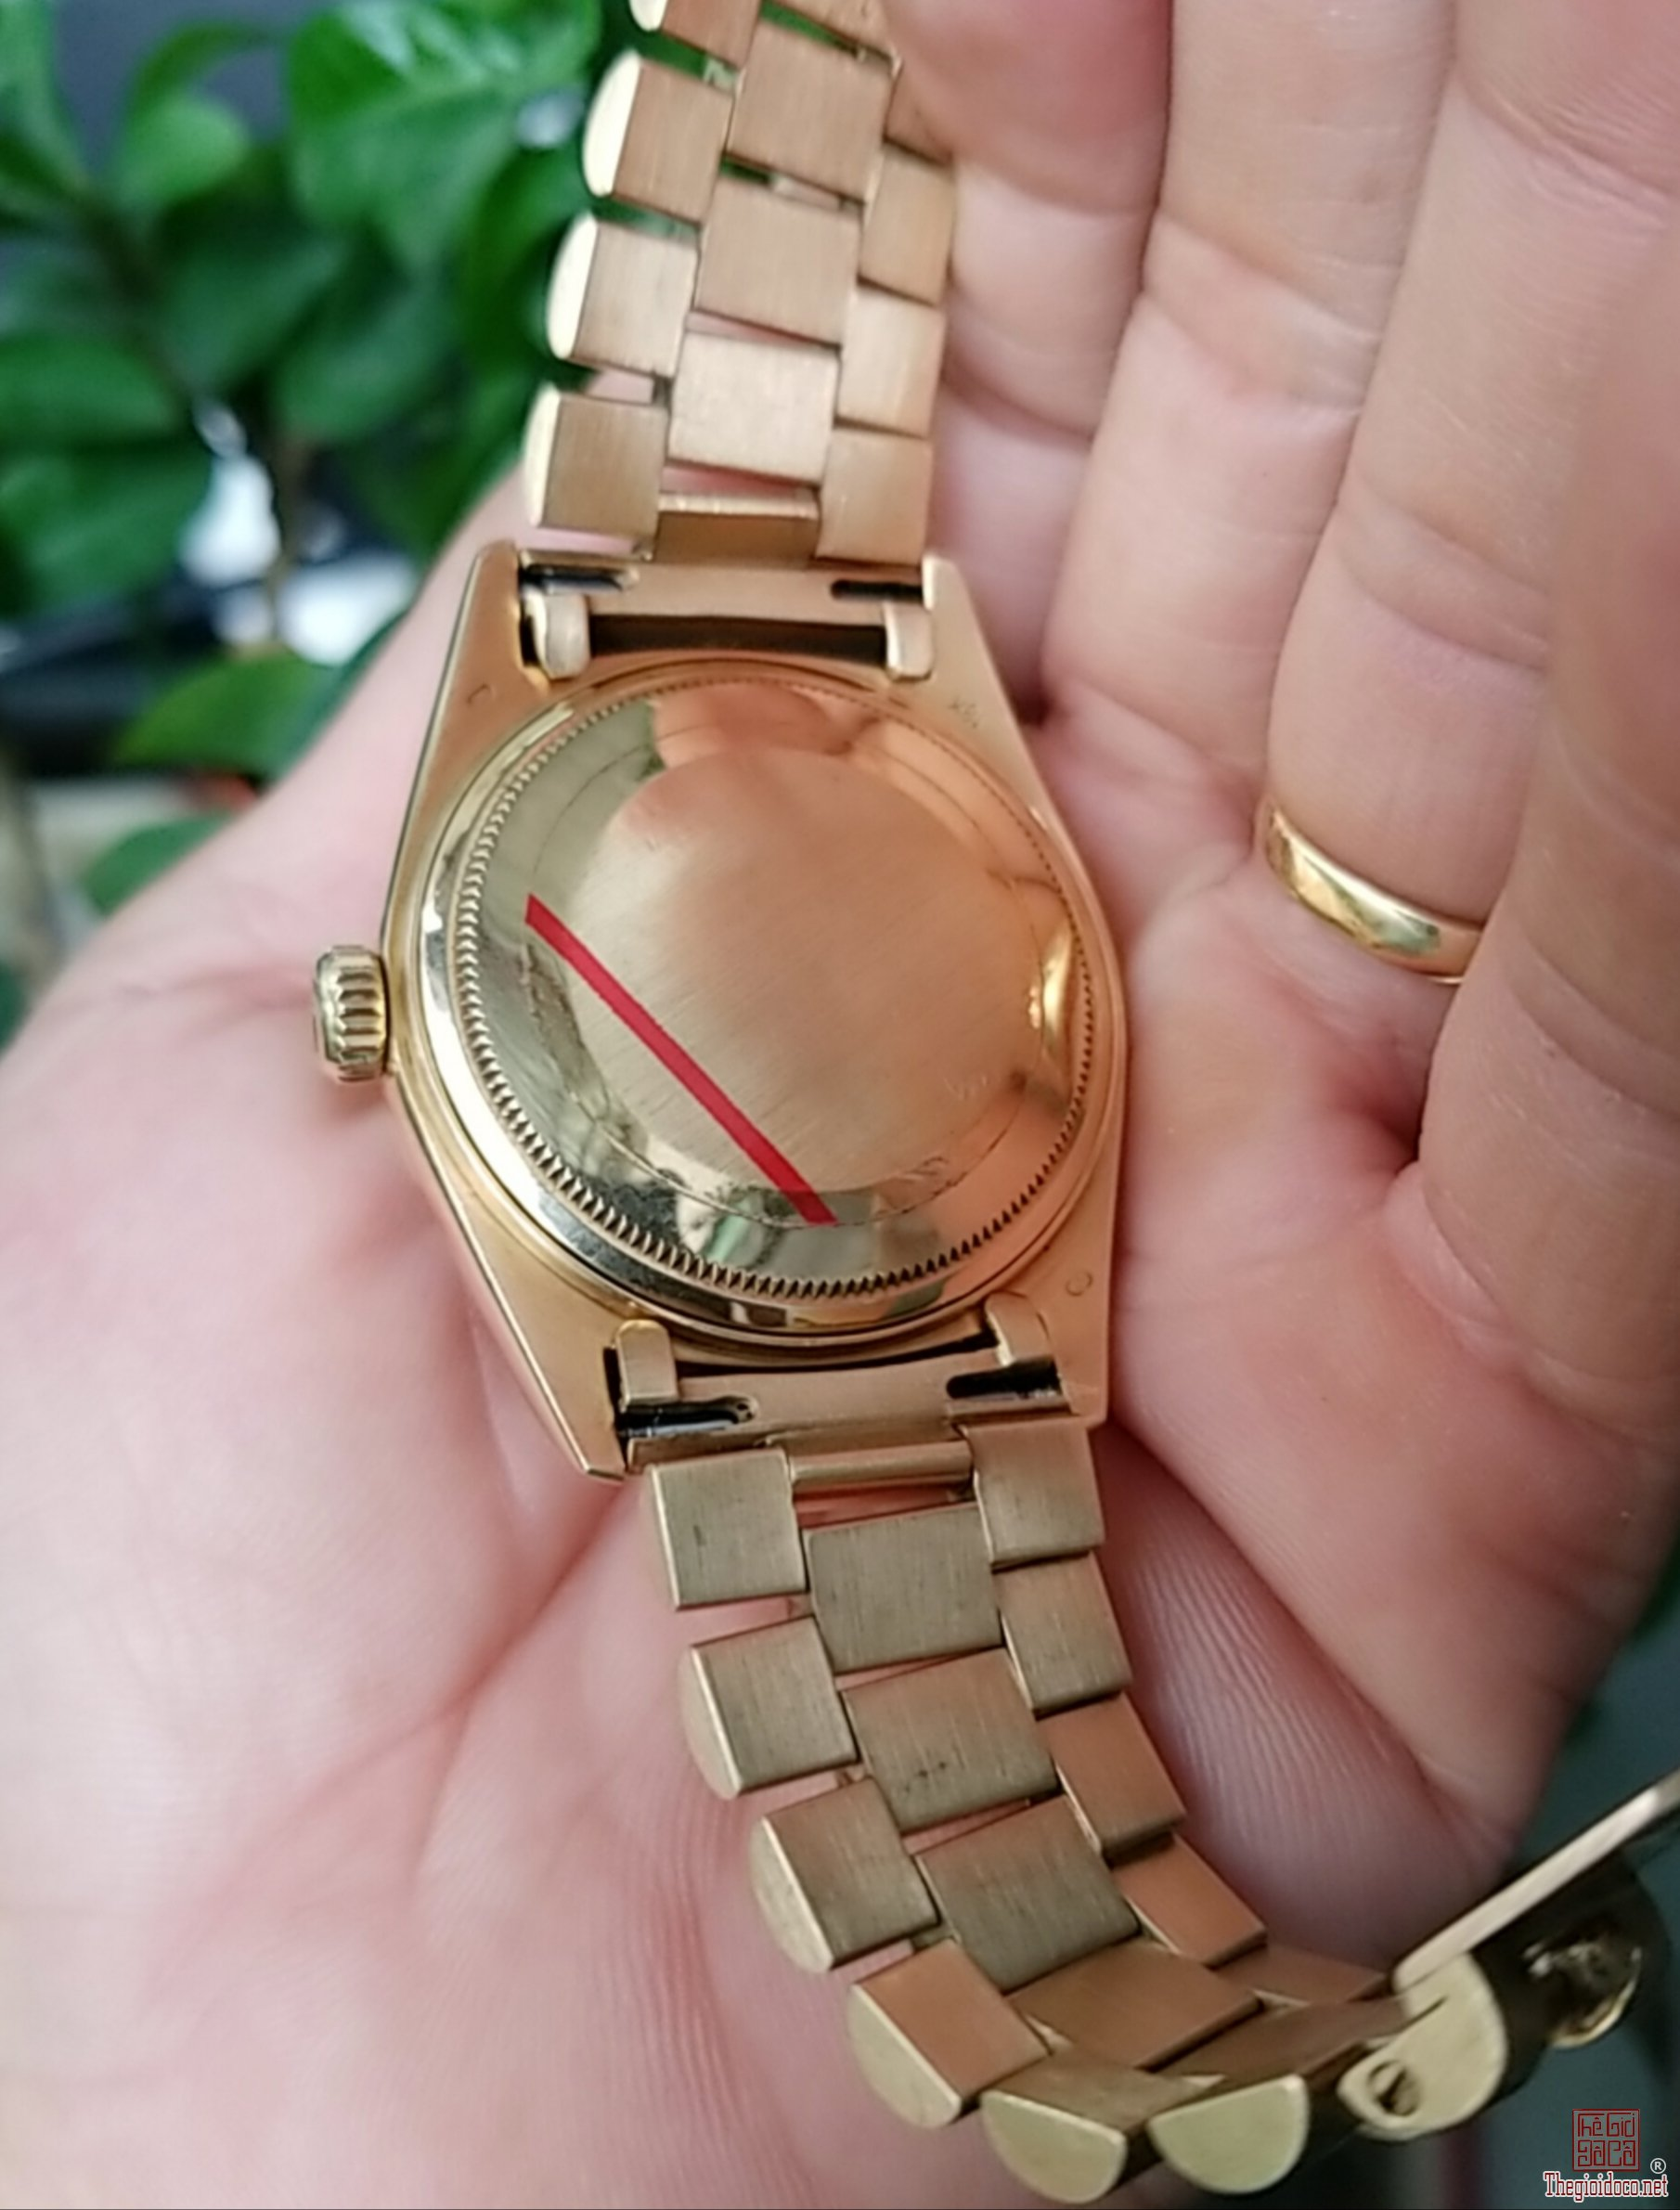 Đồng hồ xưa tự động ROLEX 18K GOLD 5 số 18035